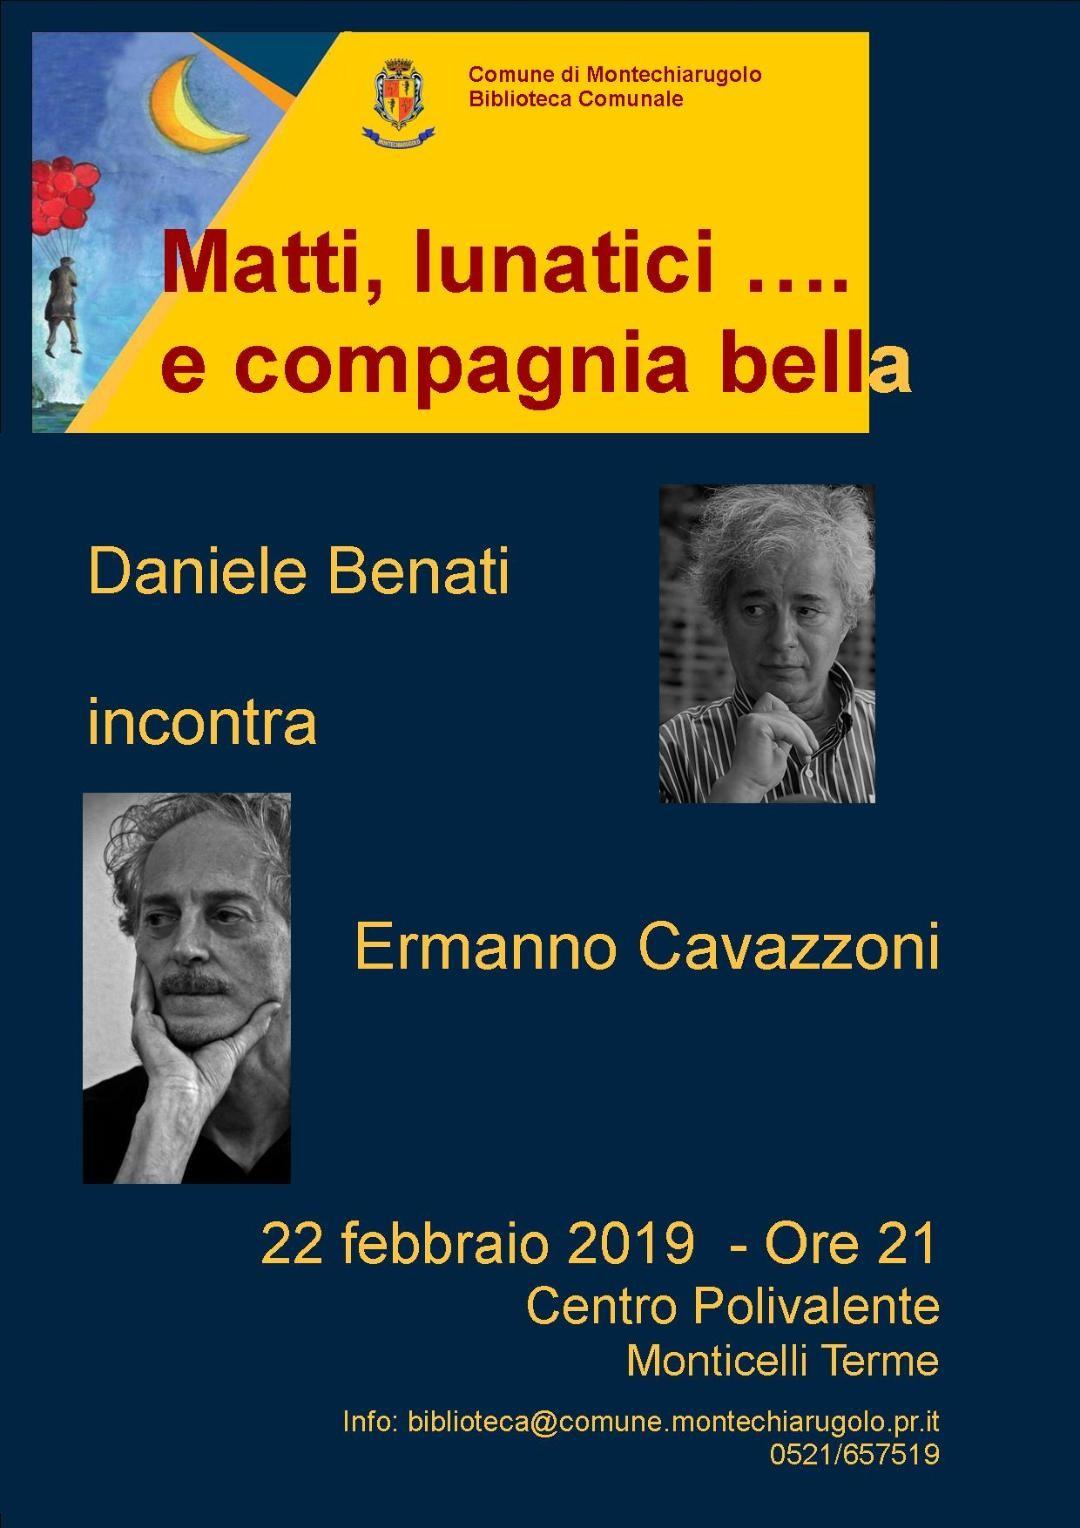 Matti lunatici padani…  Daniele Benati incontra Ermanno Cavazzoni